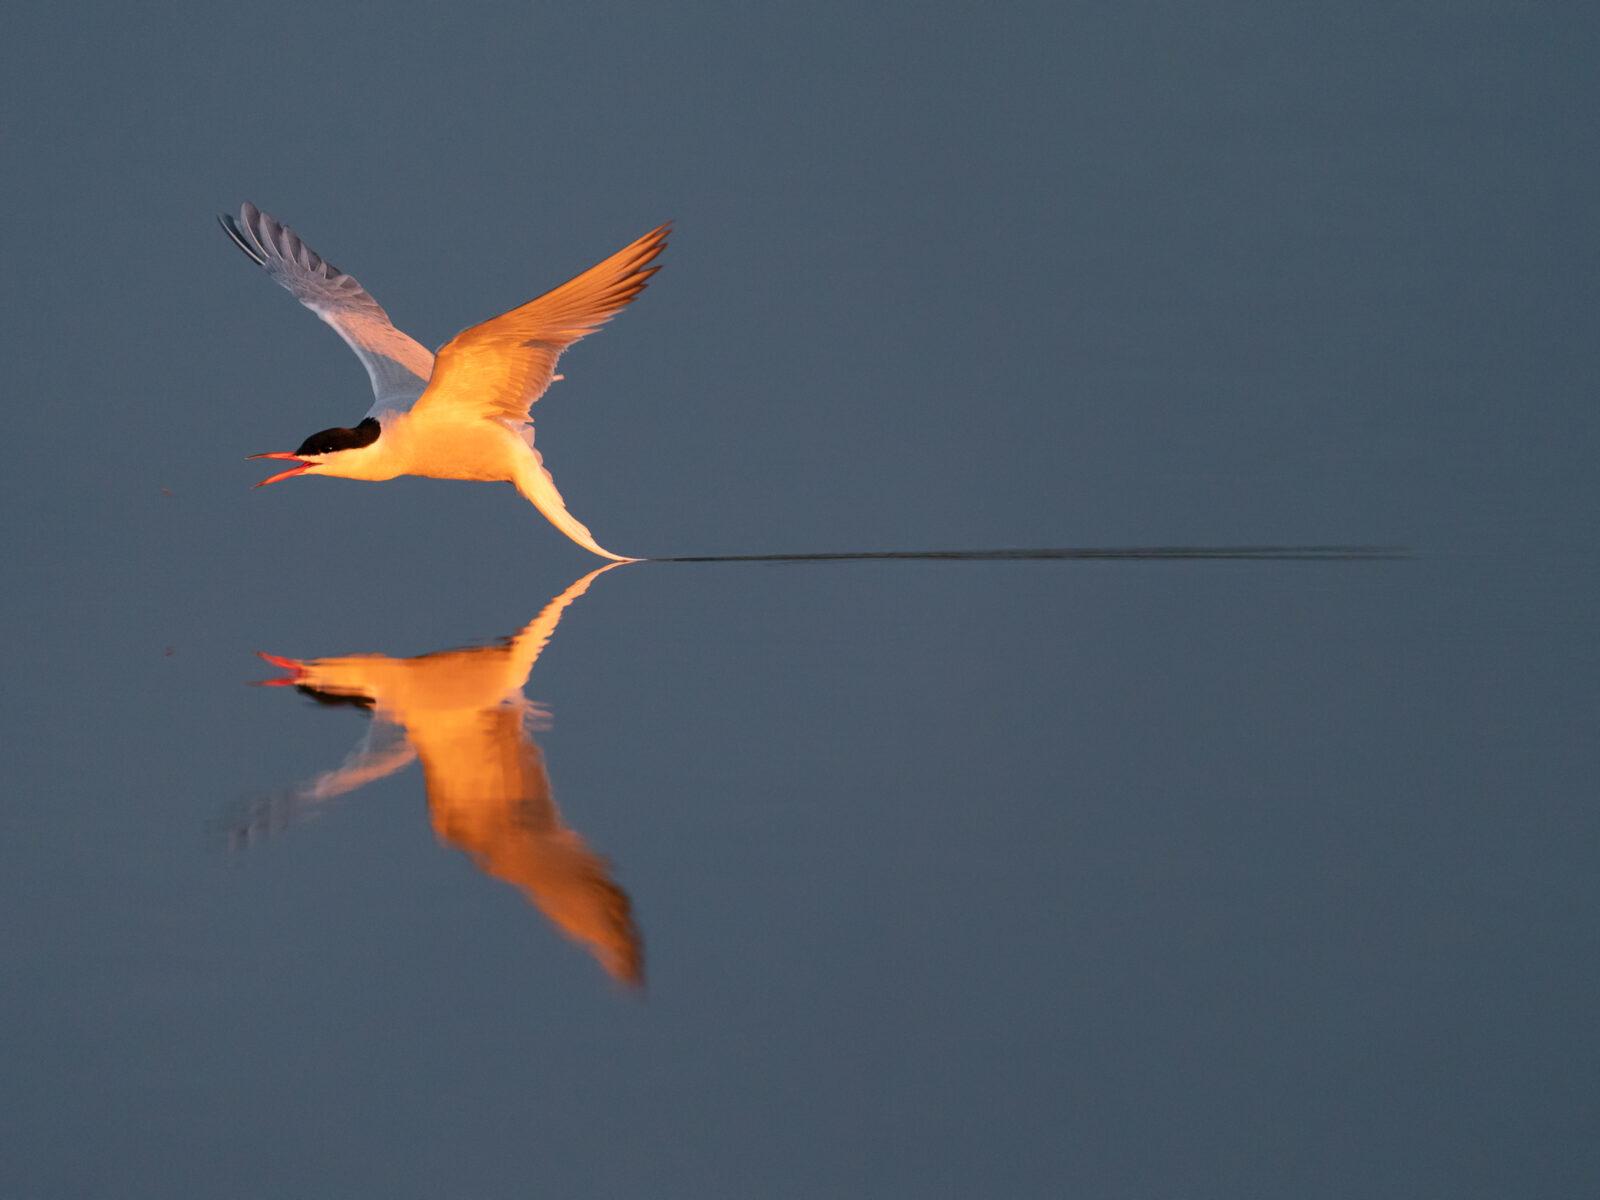 fågel,tärna,sjöfågel,vatten,spegelbild,blåbird, Arctic tern, fly, in flight, reflection, water, Sterna hirundo, Hjalstaviken, Uppland, Sweden